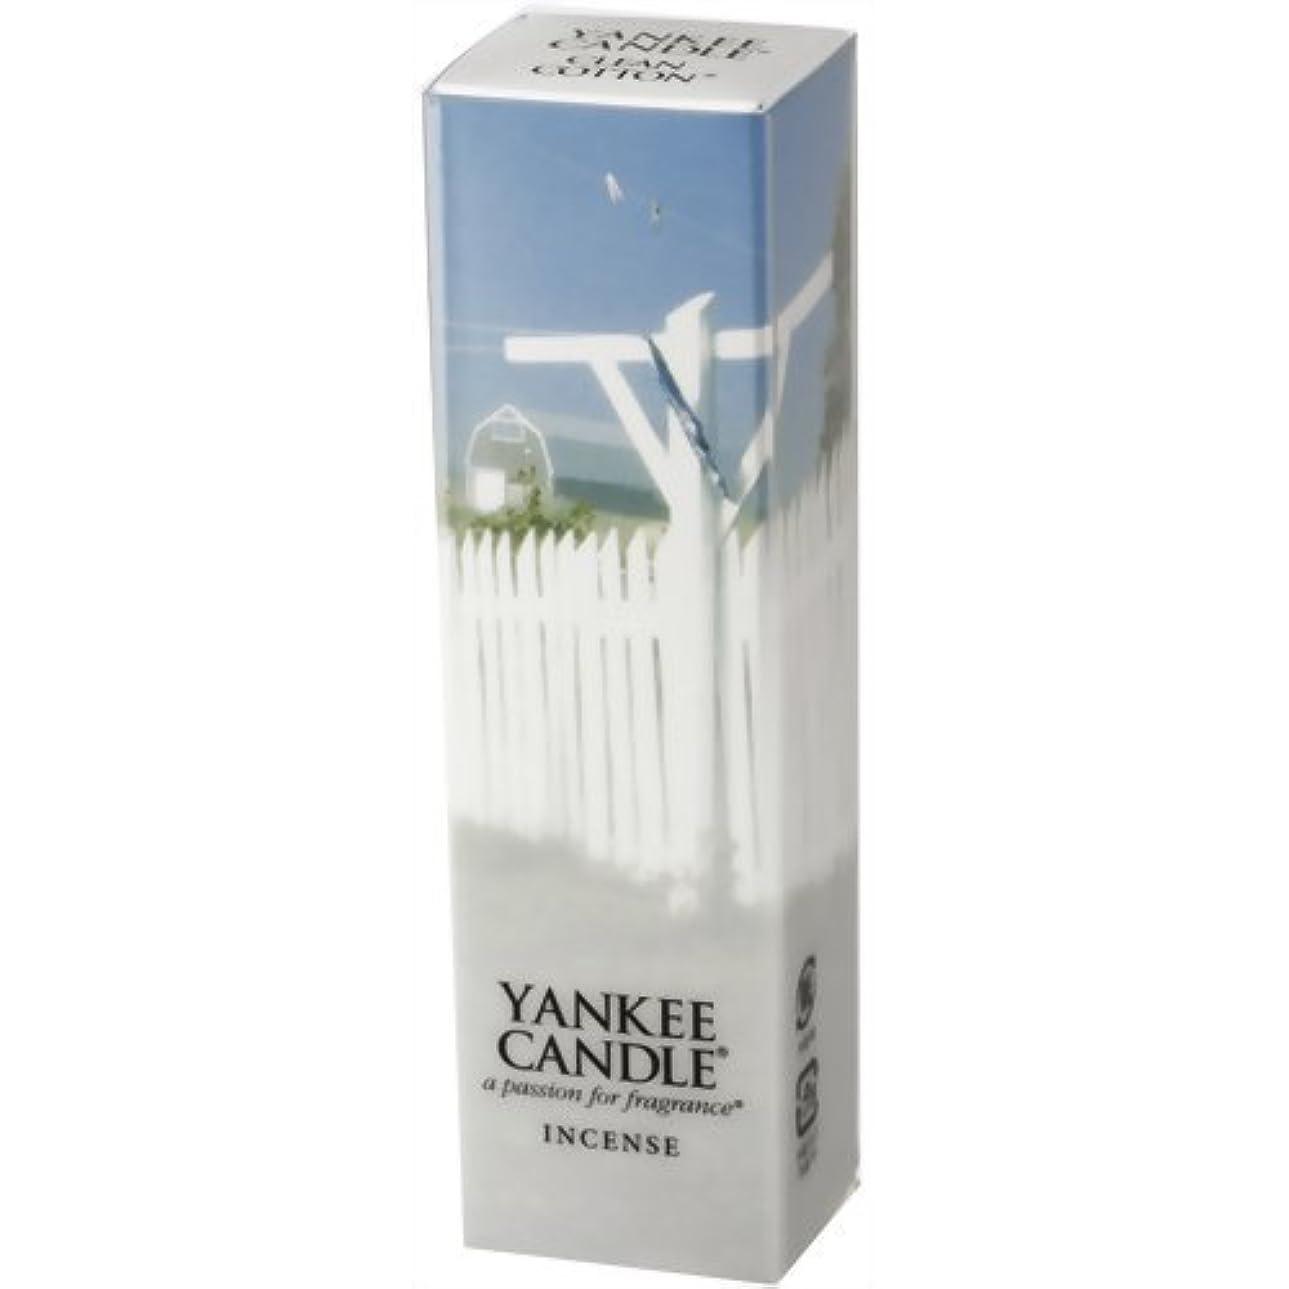 溶接ボタン怠惰YANKEE CANDLE(ヤンキーキャンドル) YCインセンス クリーンコットン